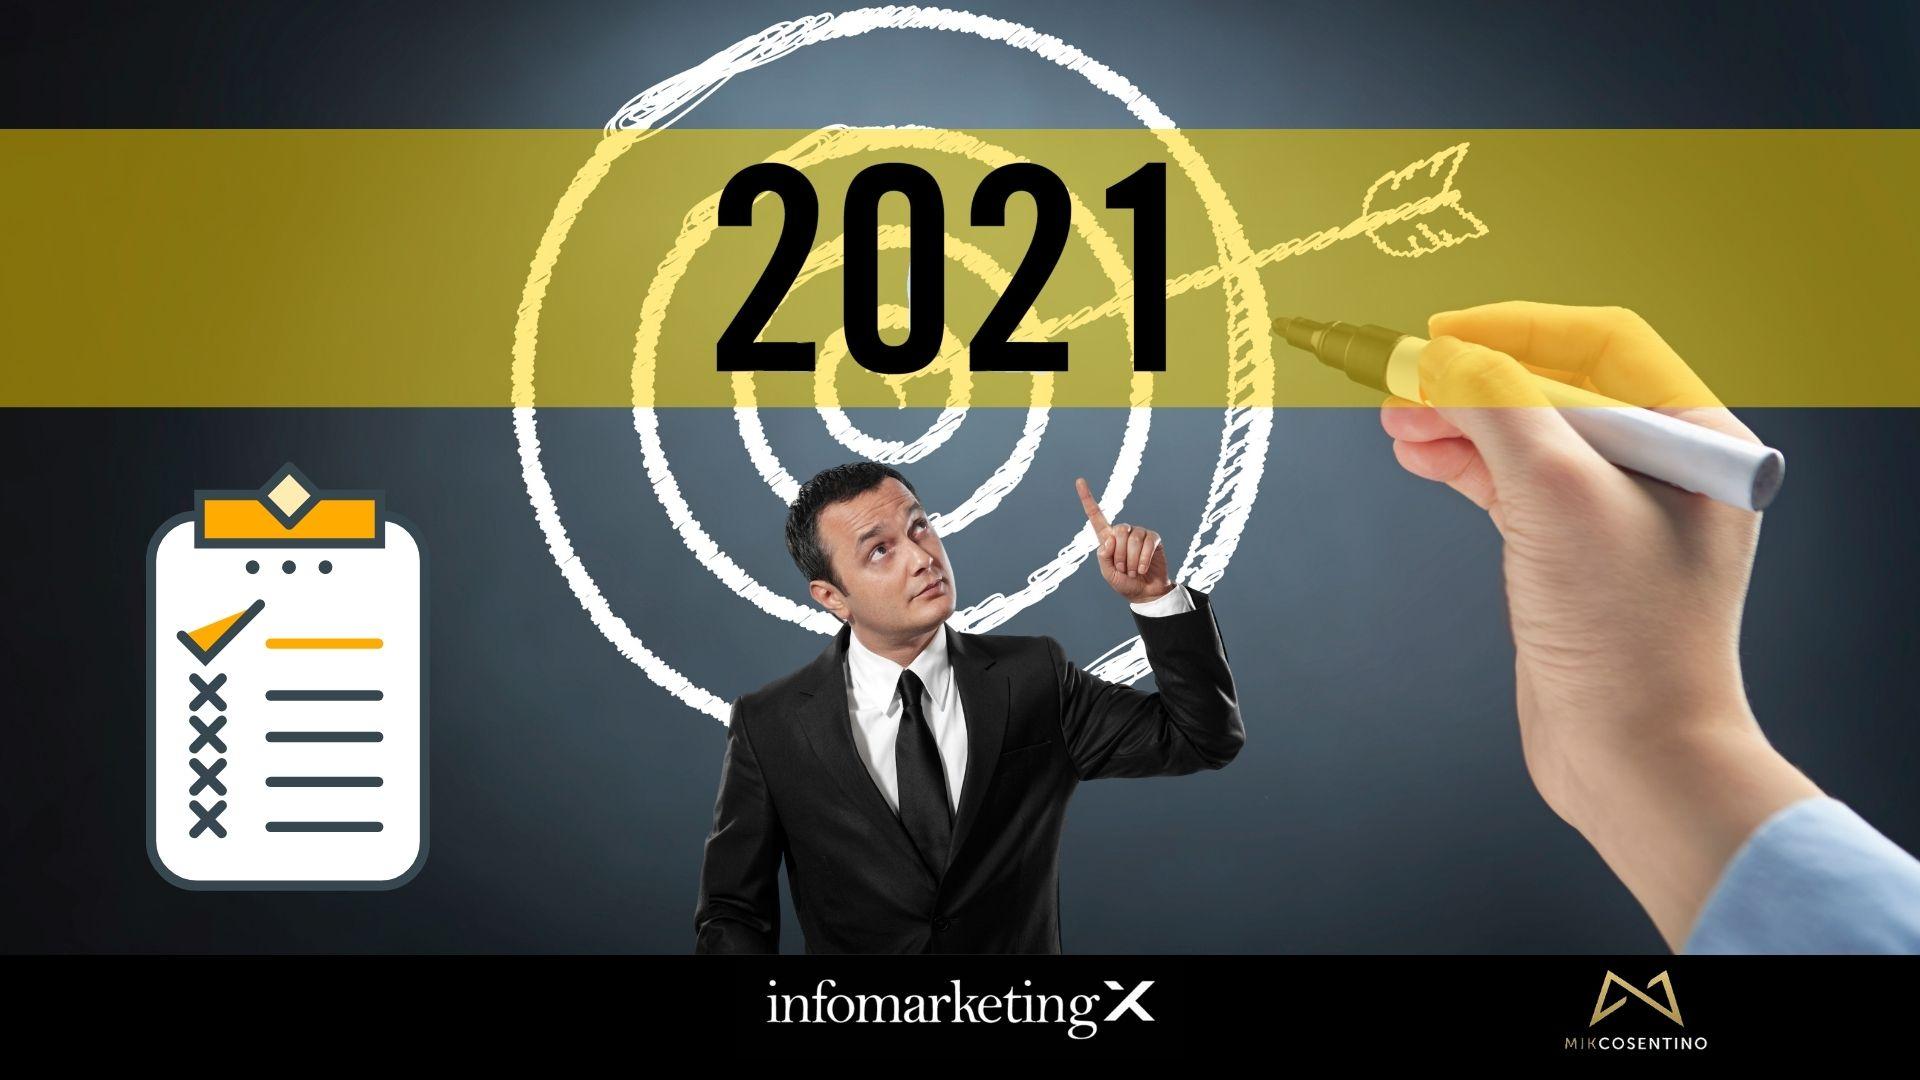 obiettivi 2021